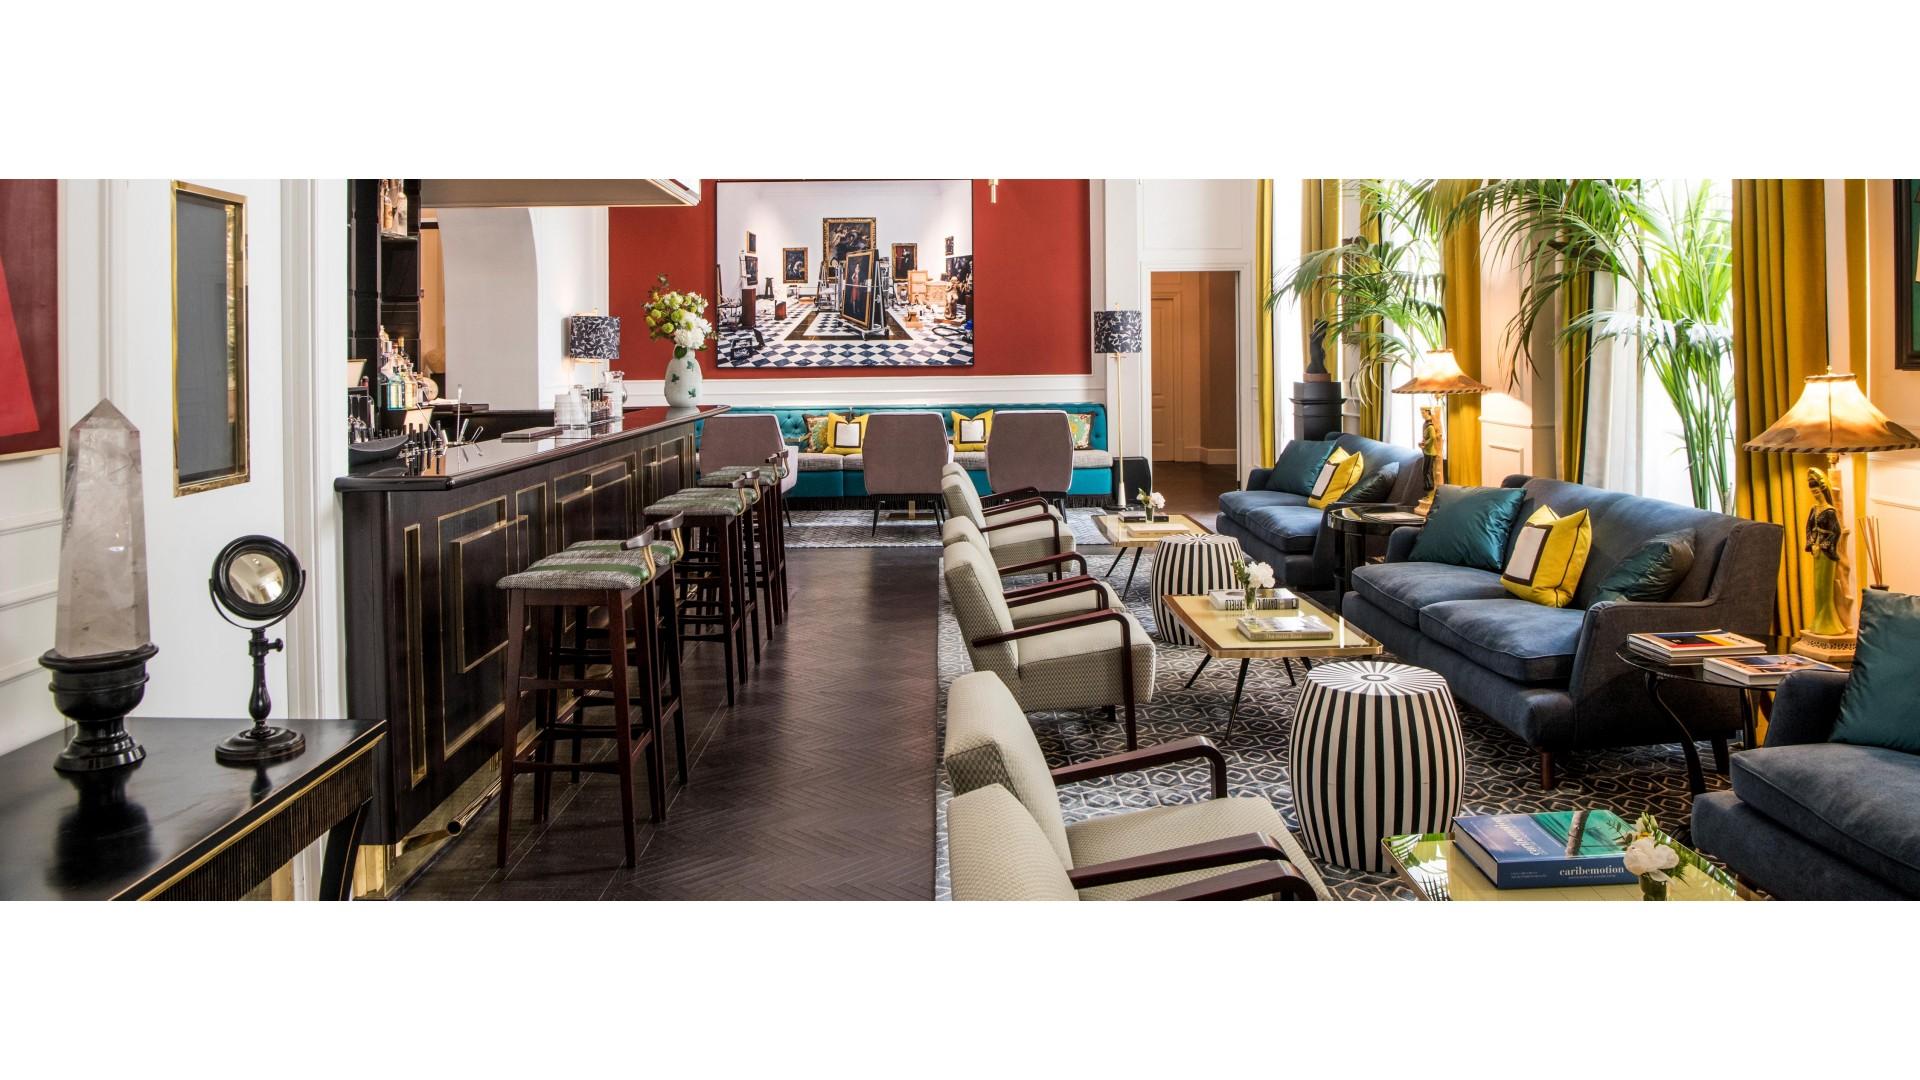 Hotel Vilòn hotel - Central Rome, Rome - Lazio - Smith Hotels